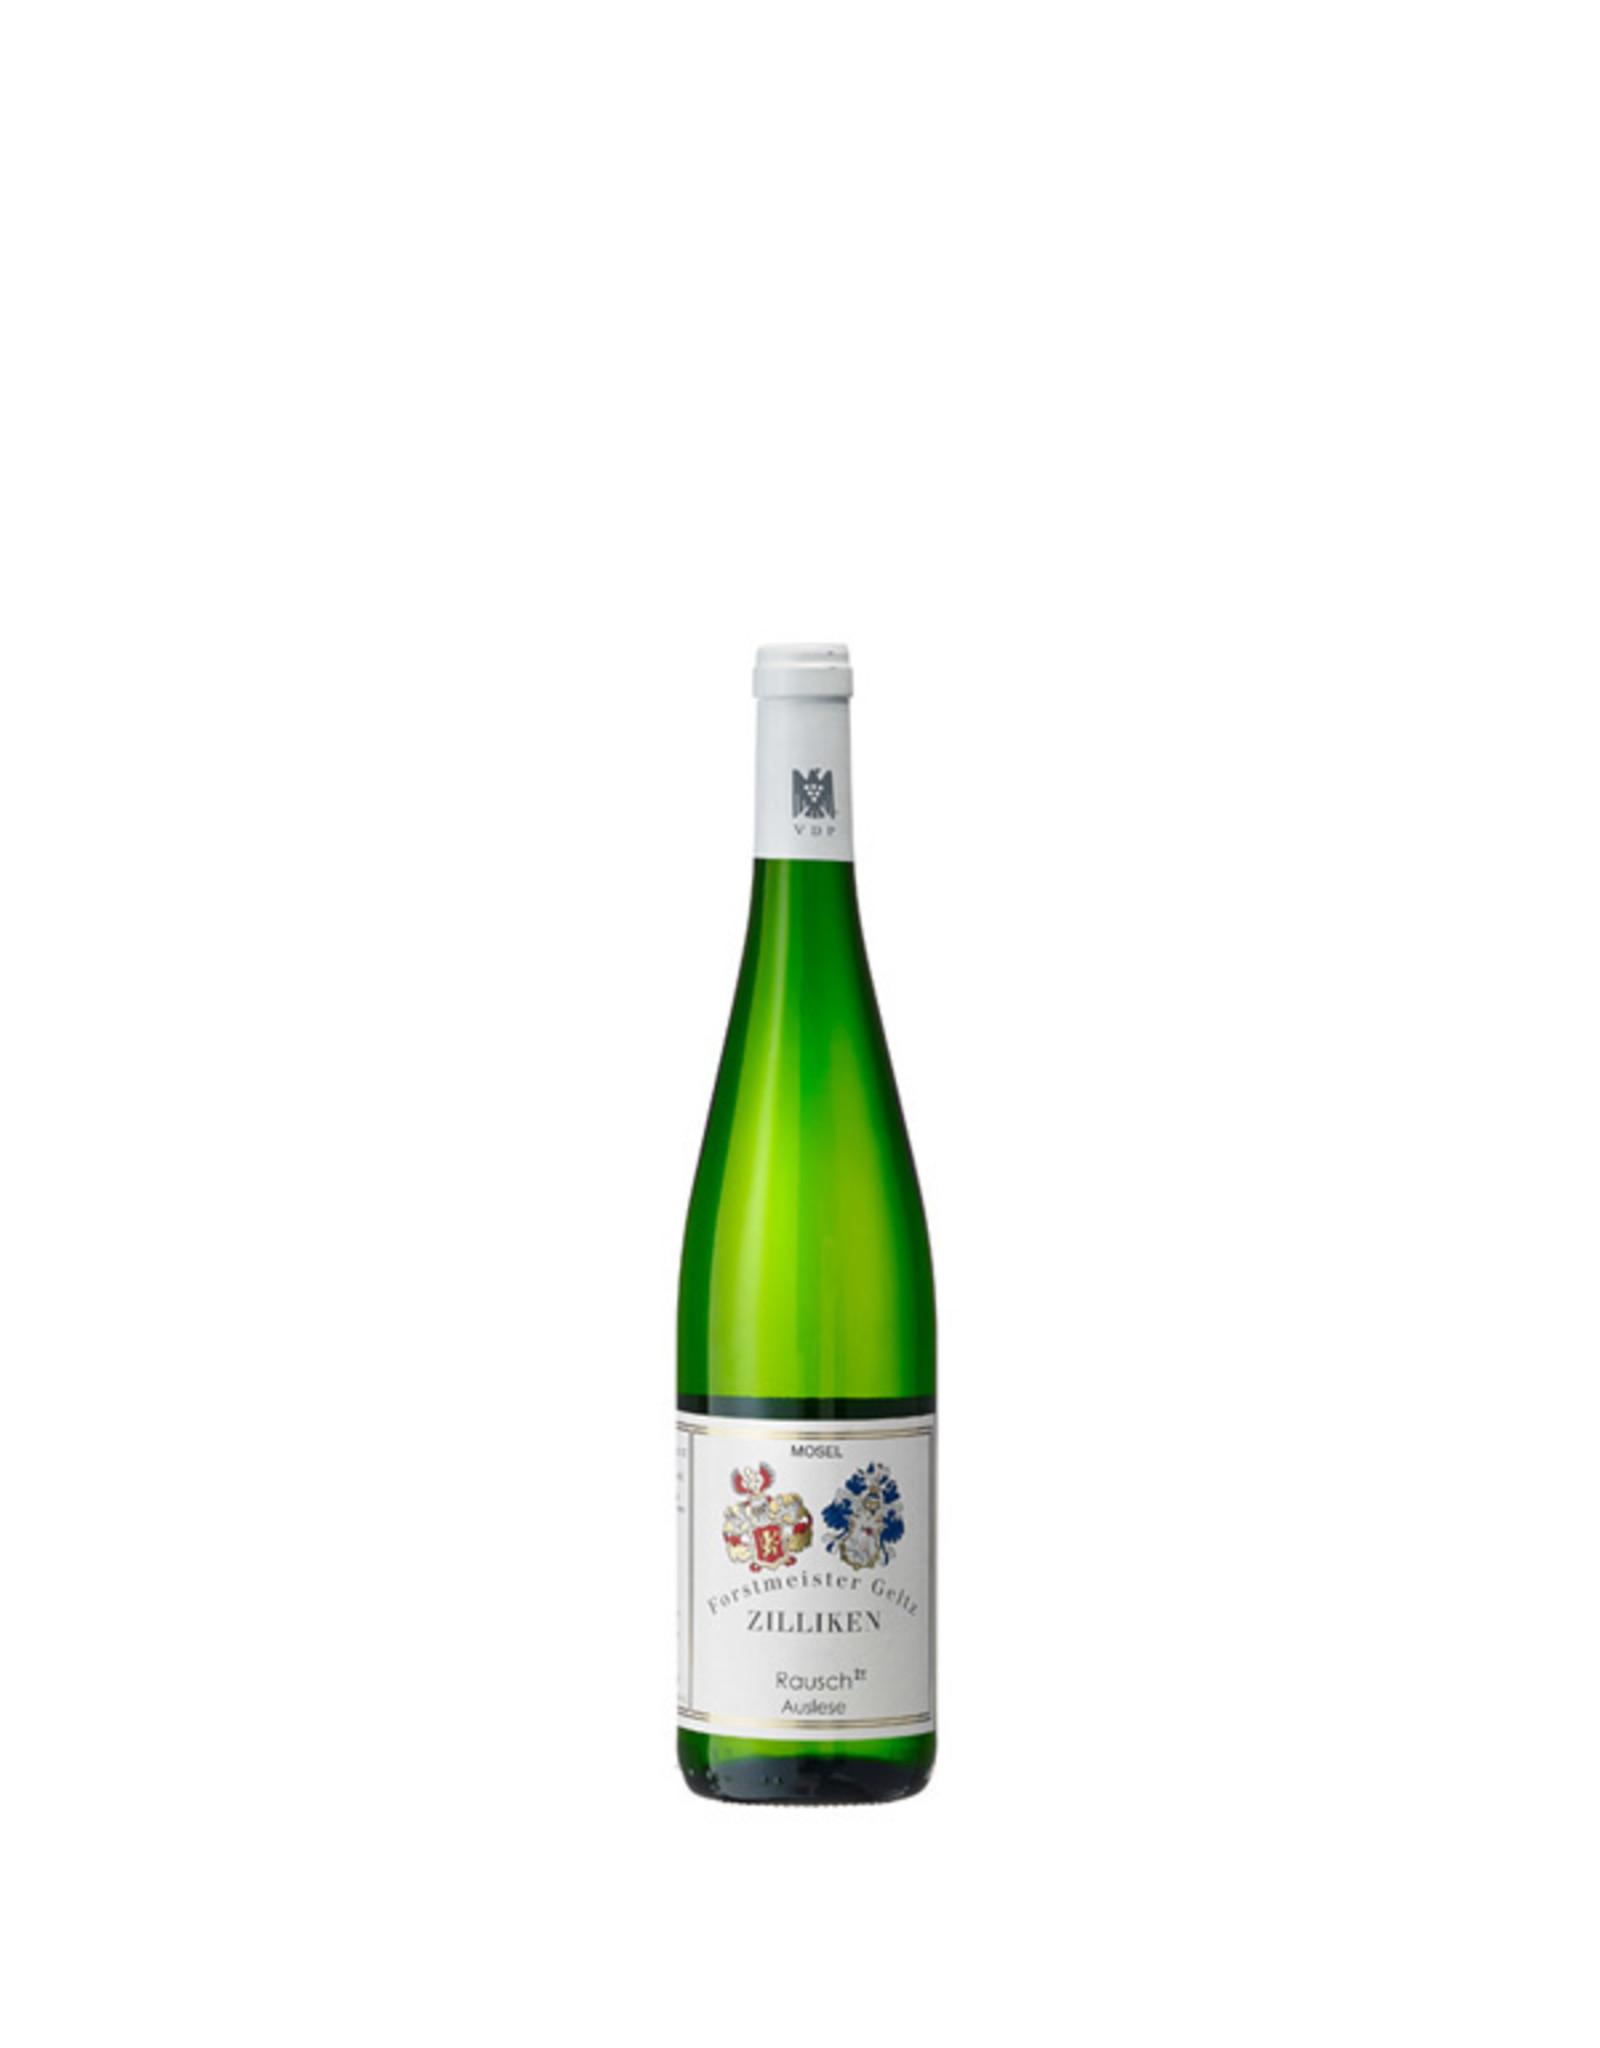 Weingut Forstmeister Geltz Zilliken, Saarburg Zilliken Rausch Auslese 2012 0.375